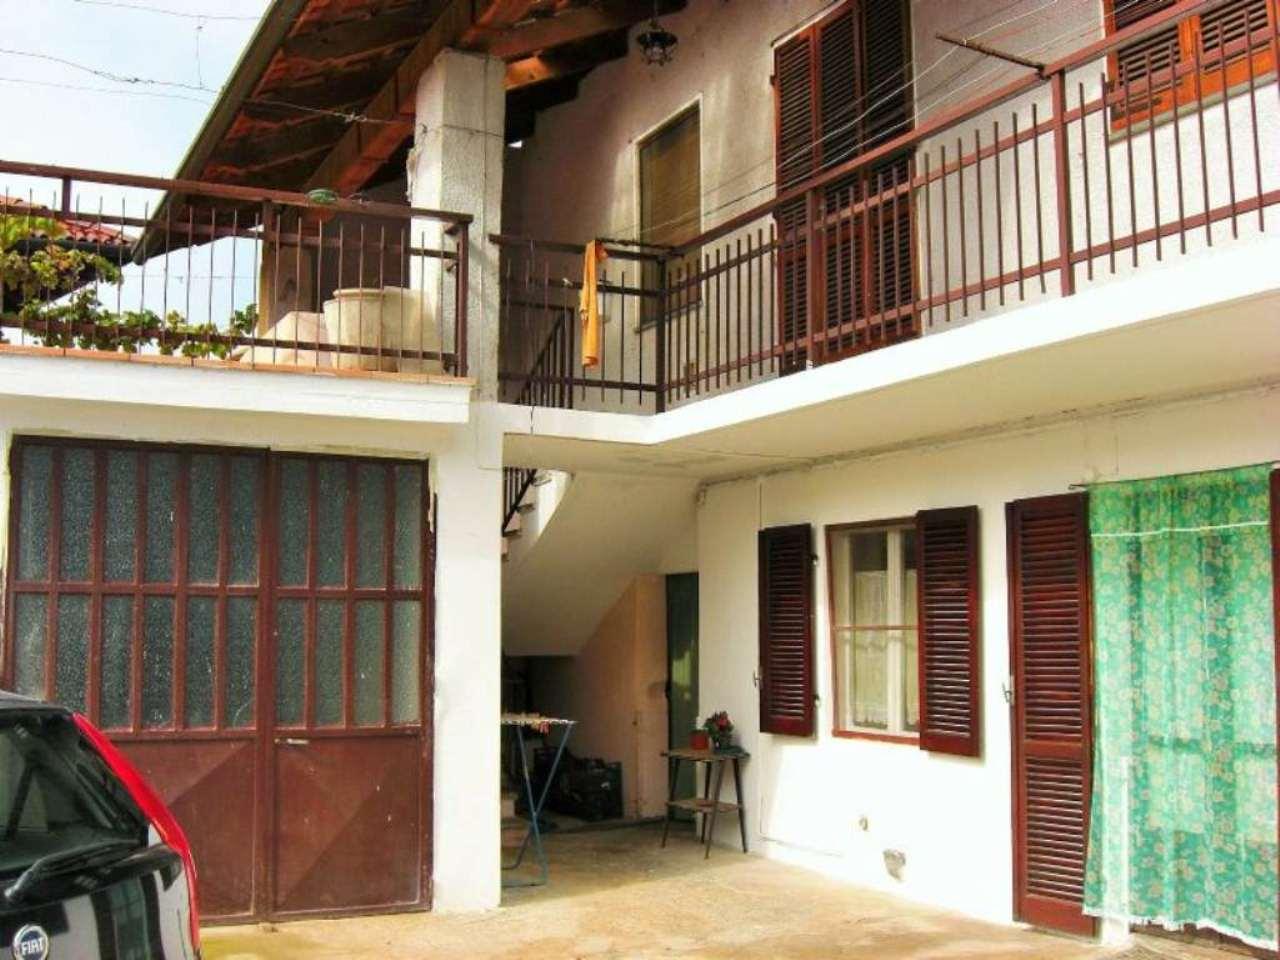 Soluzione Indipendente in vendita a Montanaro, 9 locali, prezzo € 130.000 | Cambio Casa.it